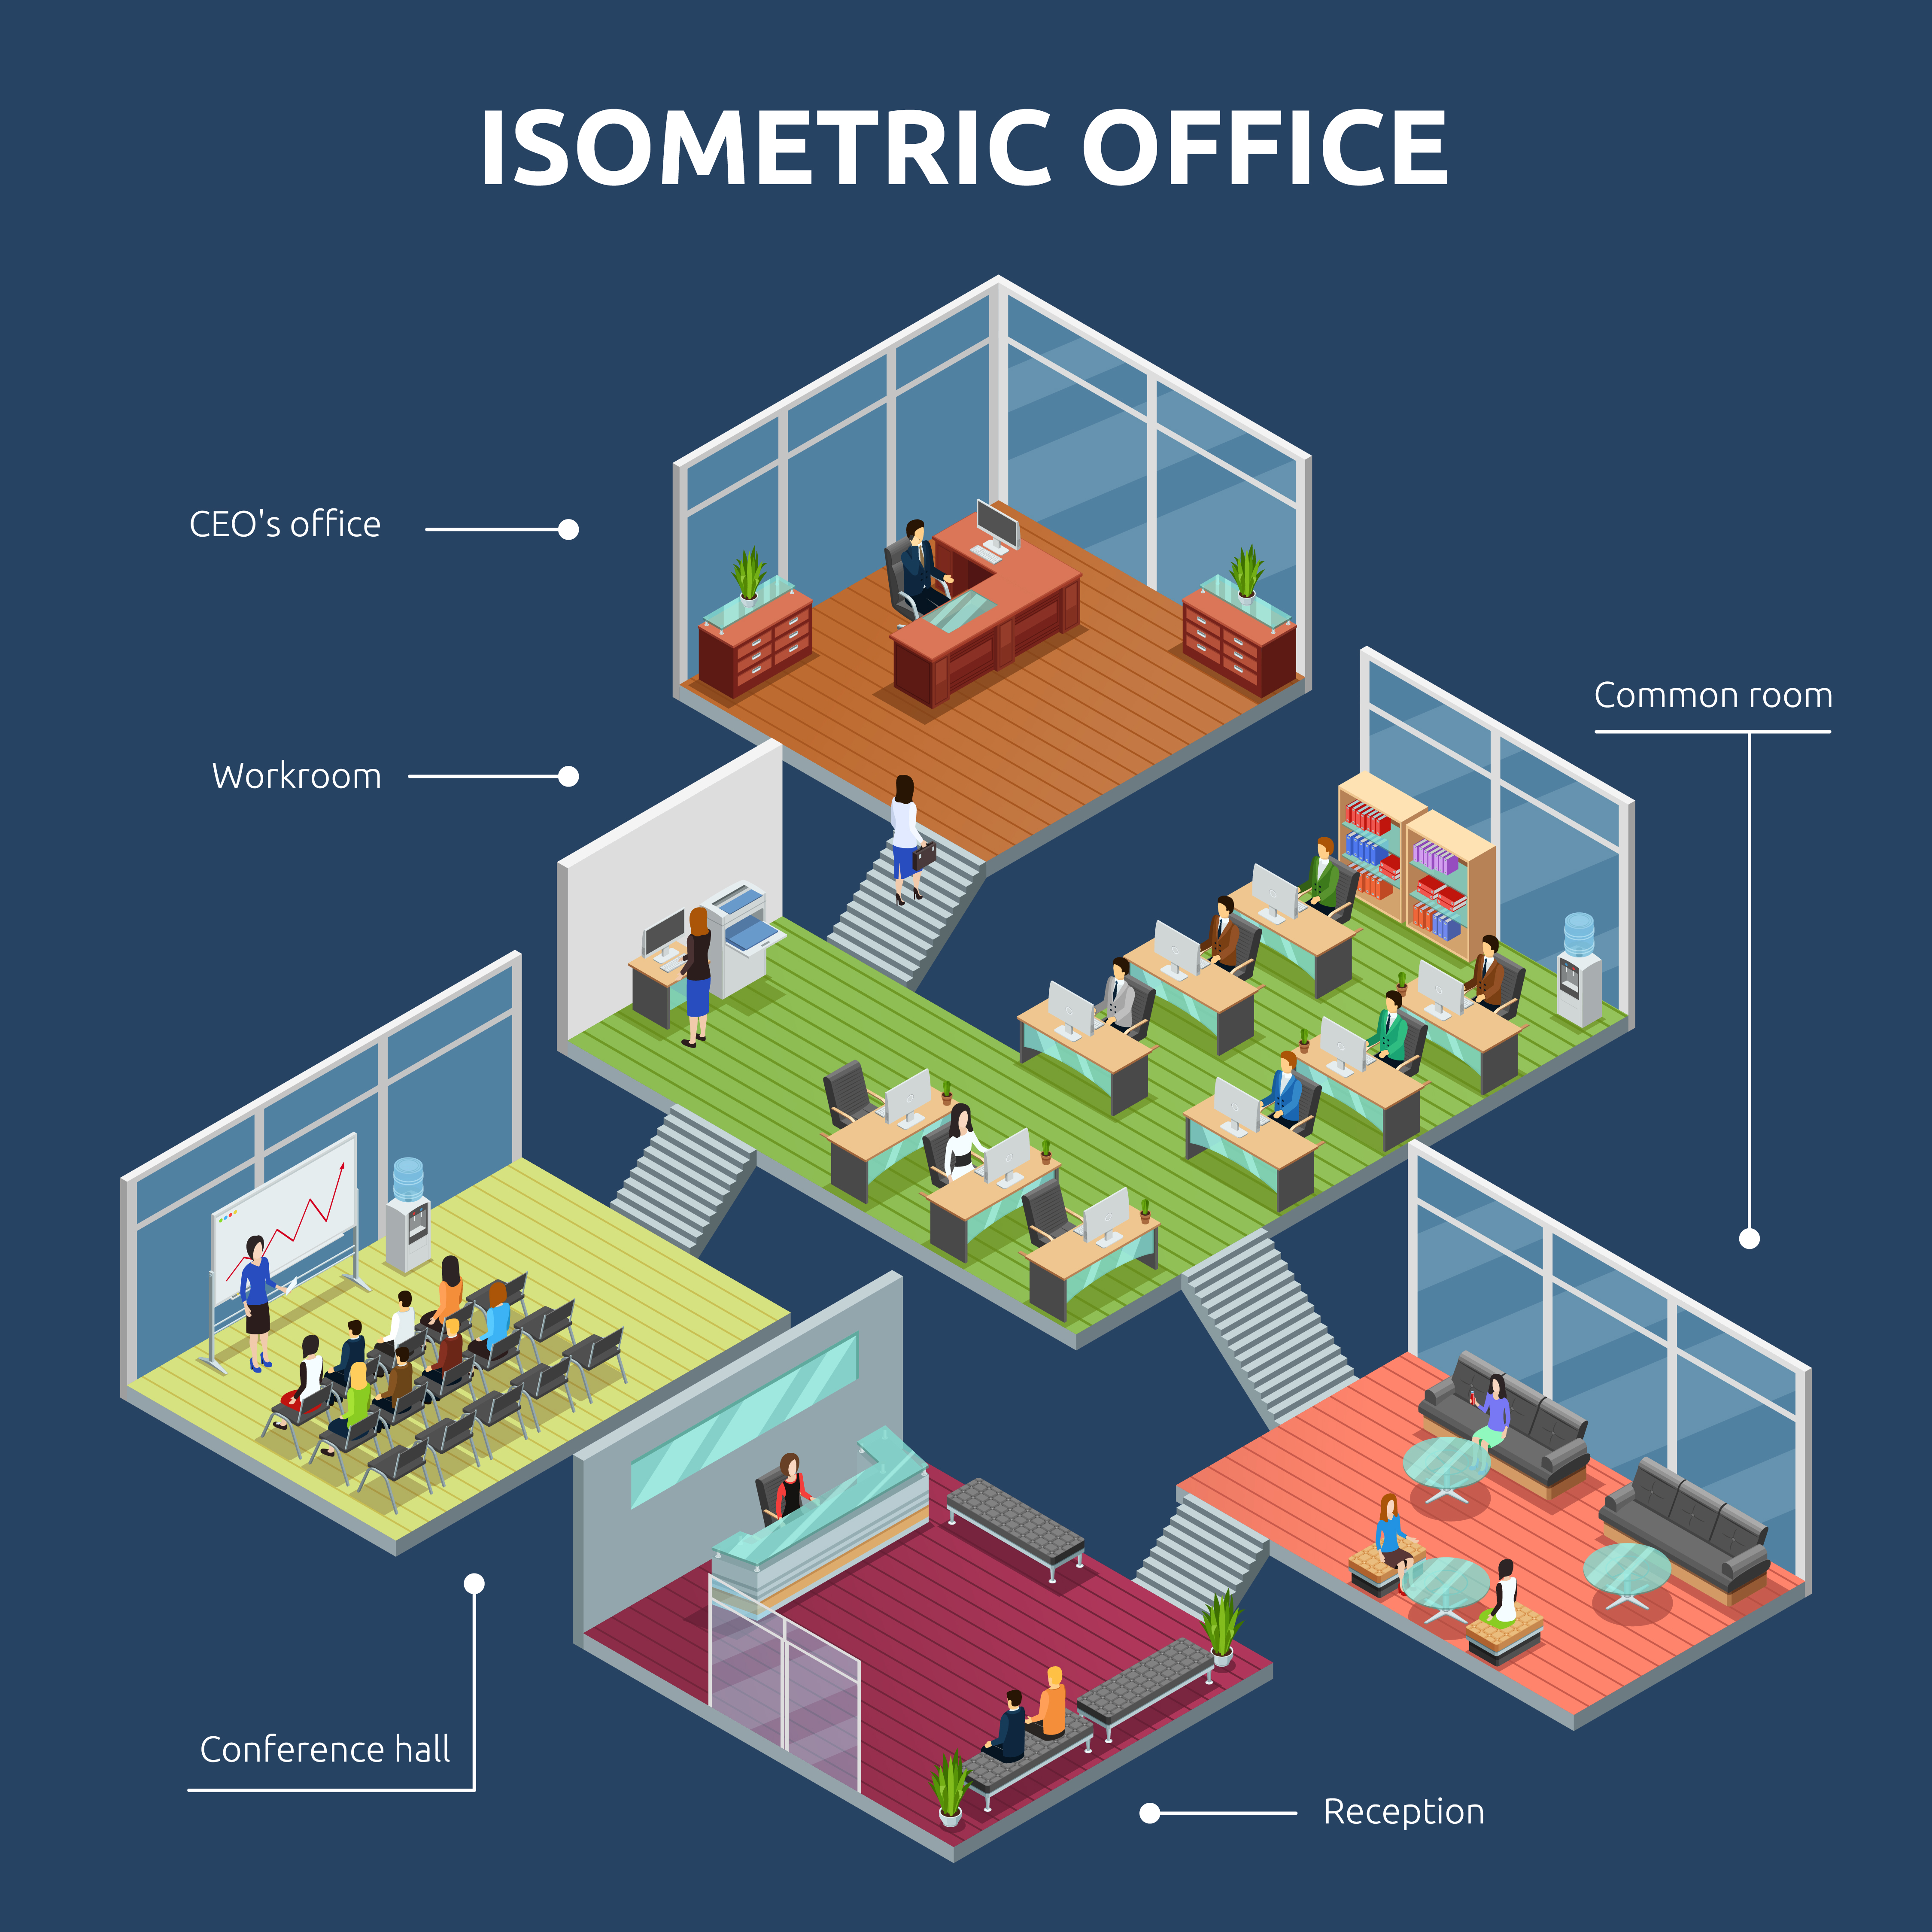 Isometric Office 3 Floor Building Plan Download Free Vectors